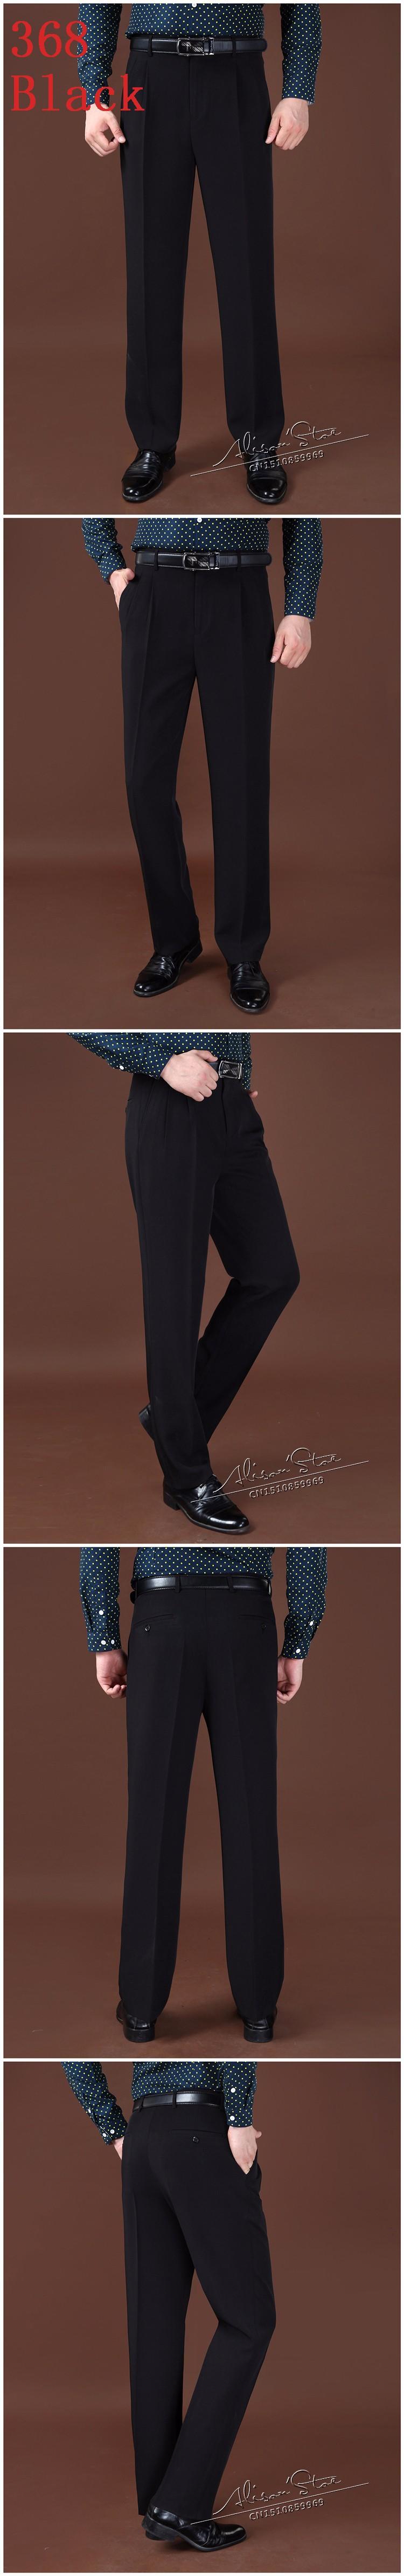 Мужские брюки костюм размер 44 42 осень зима шерсти и шелка толщиной брюки для мужчин мода классические брюки рабочие брюки пальто